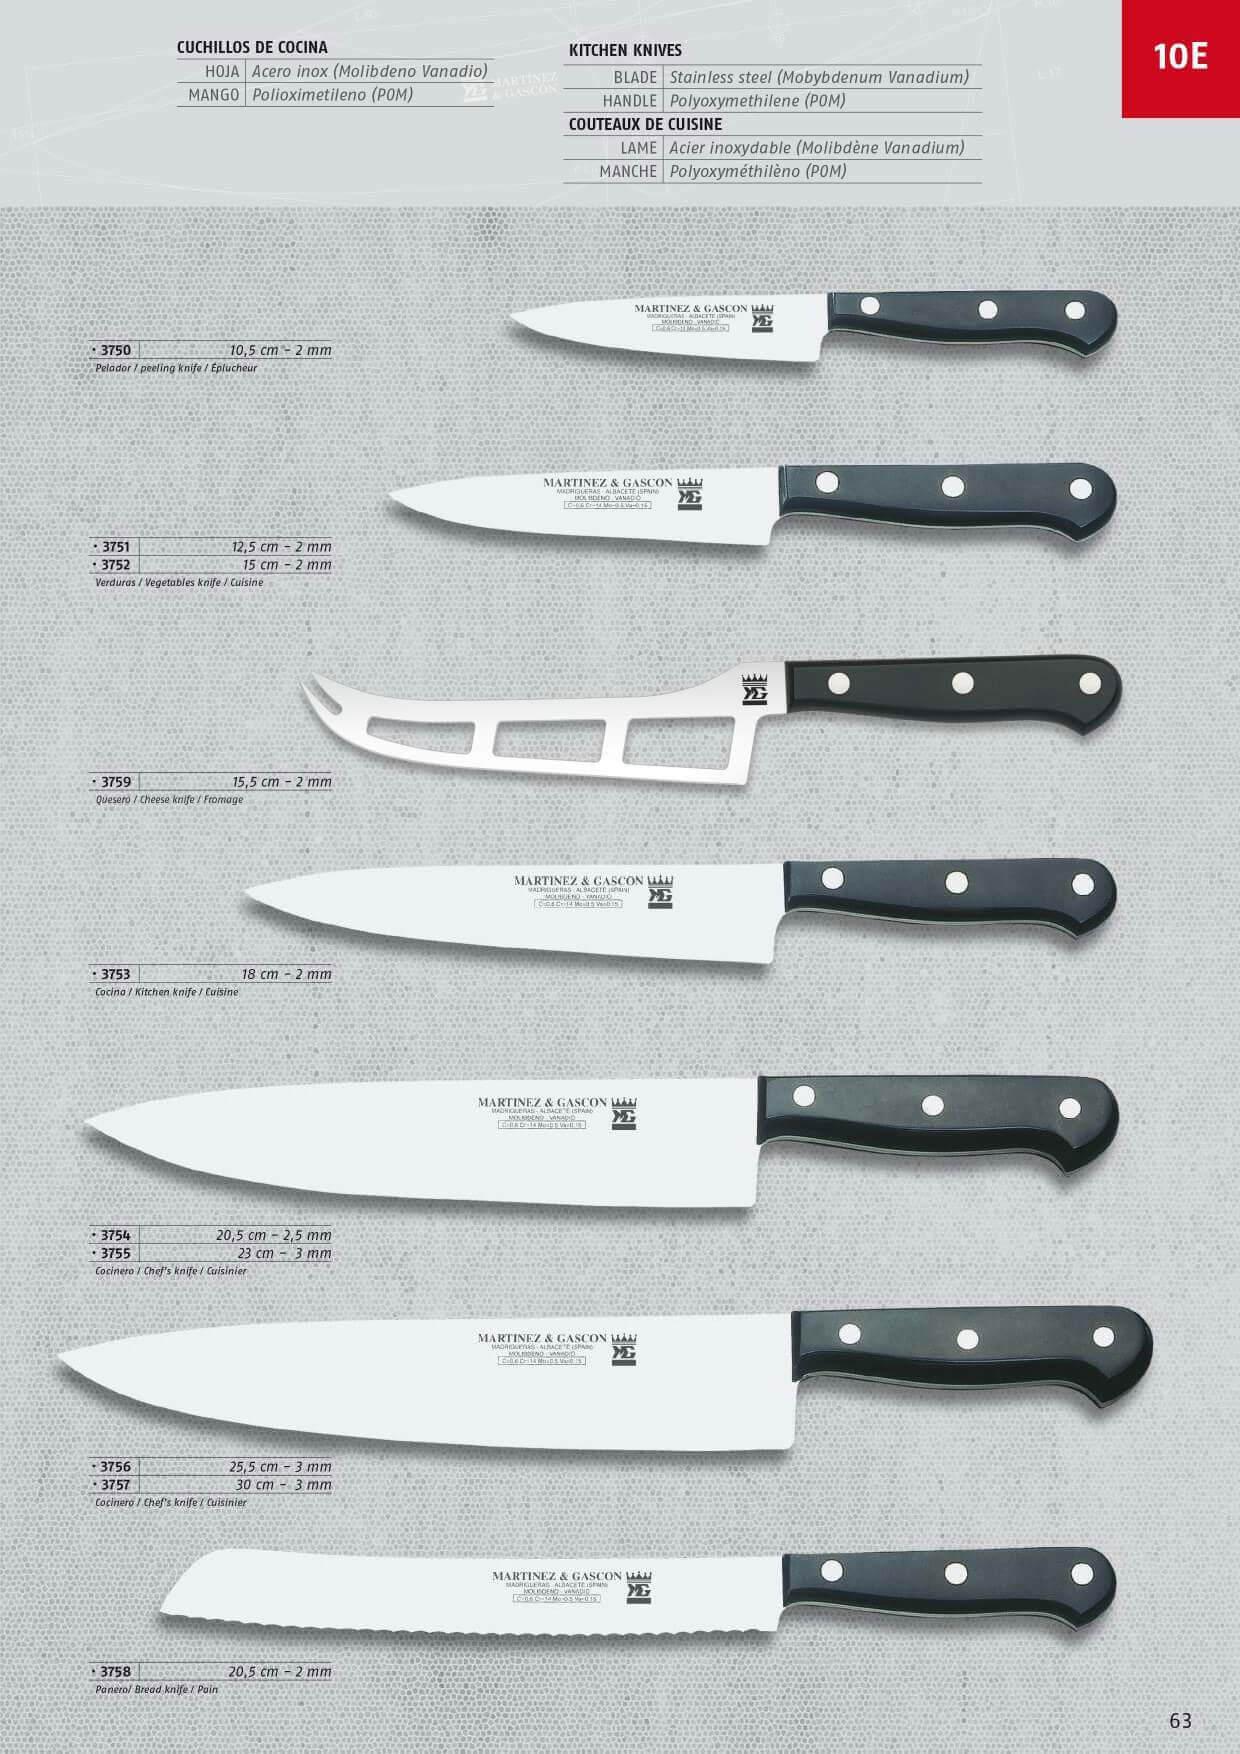 3758 cuchillos cocina martinez gascon menaje cocina - Cuchillos y menaje ...